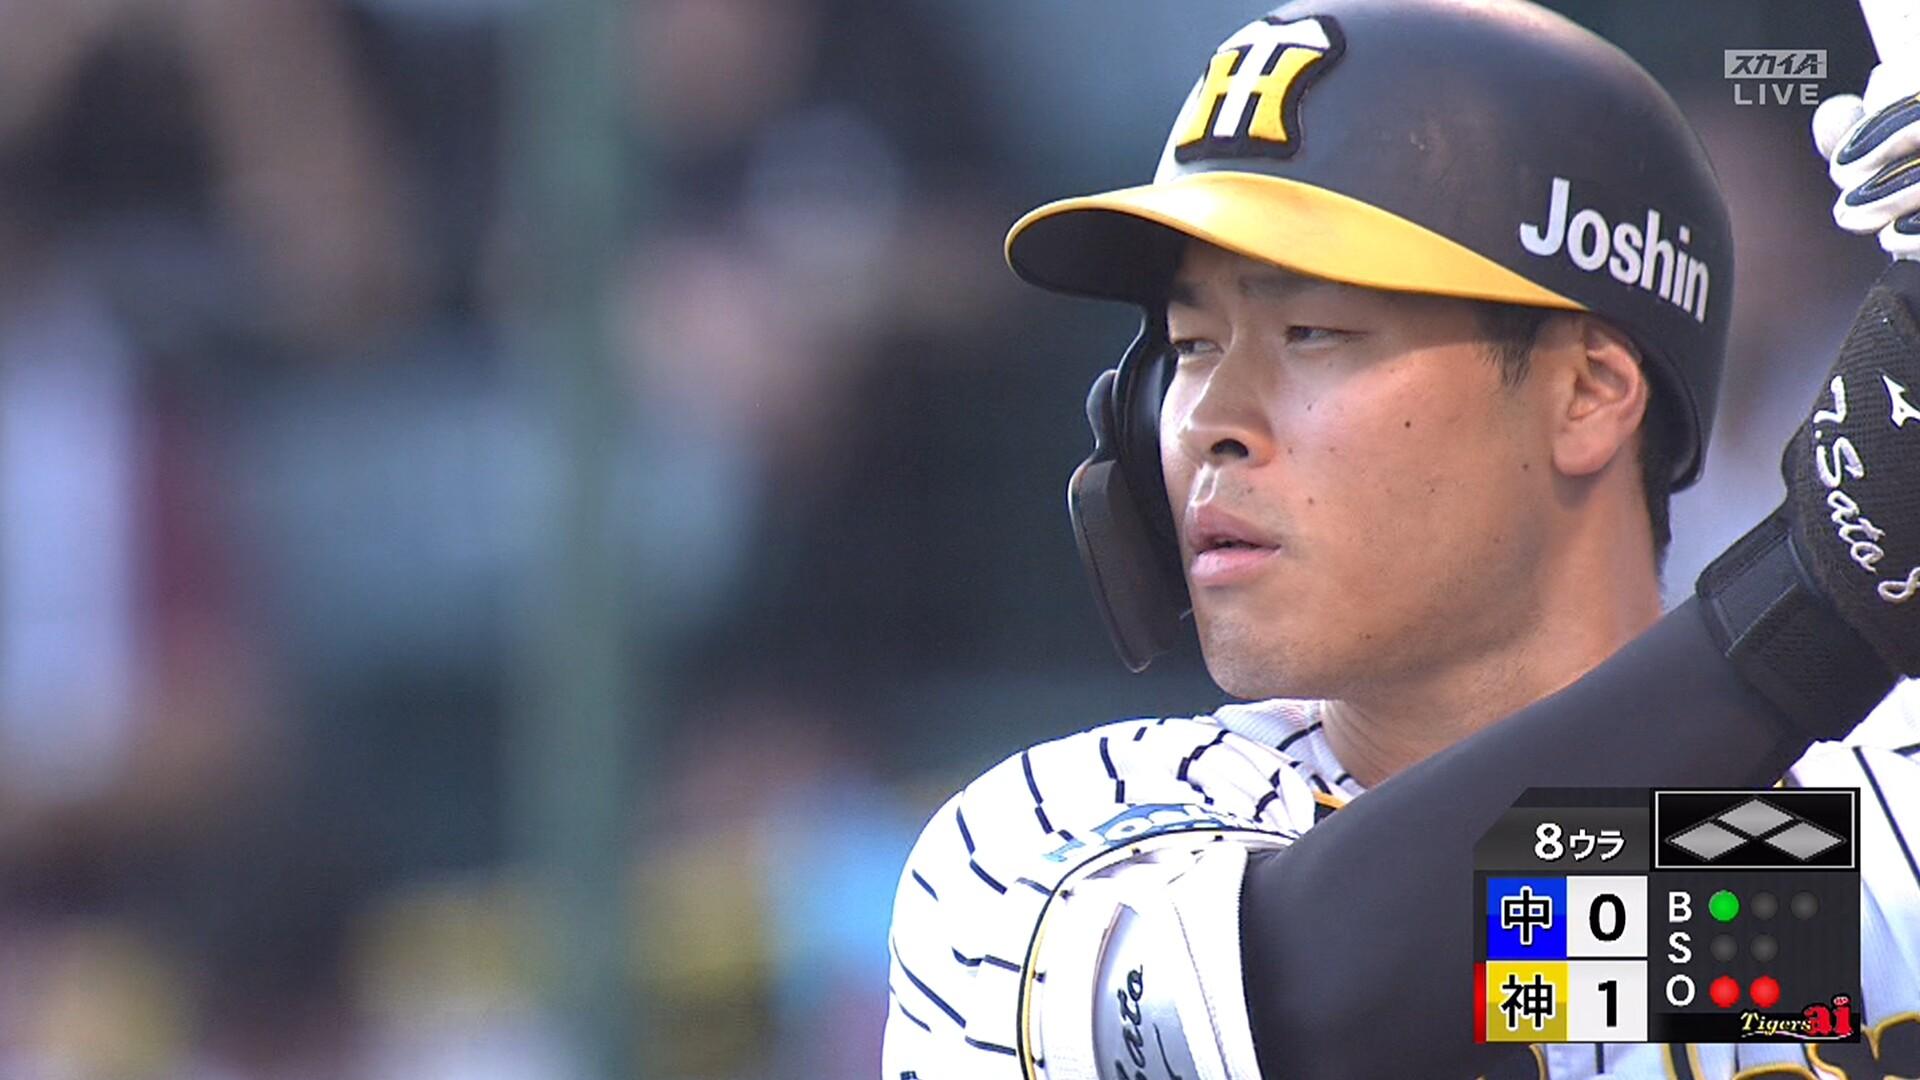 佐藤輝明、岡田幸文の野手ワースト記録に並ぶ59打席連続無安打